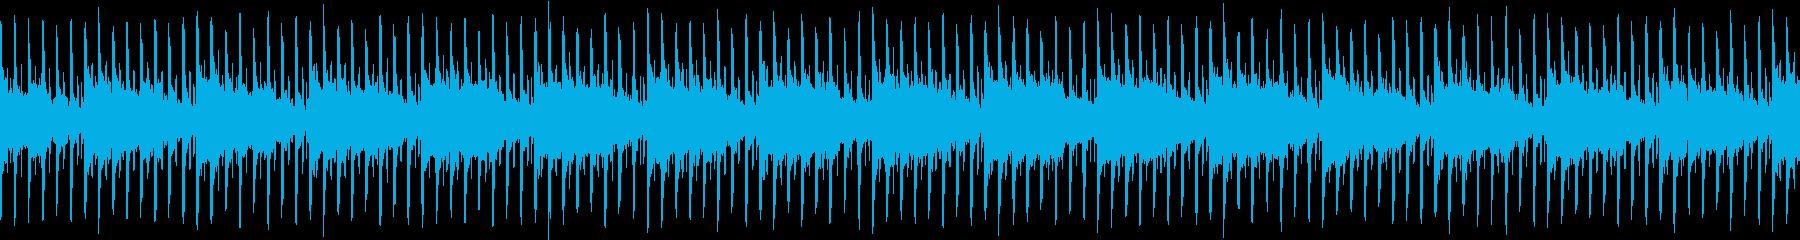 暗くてゆったりしたハウスミュージックの再生済みの波形